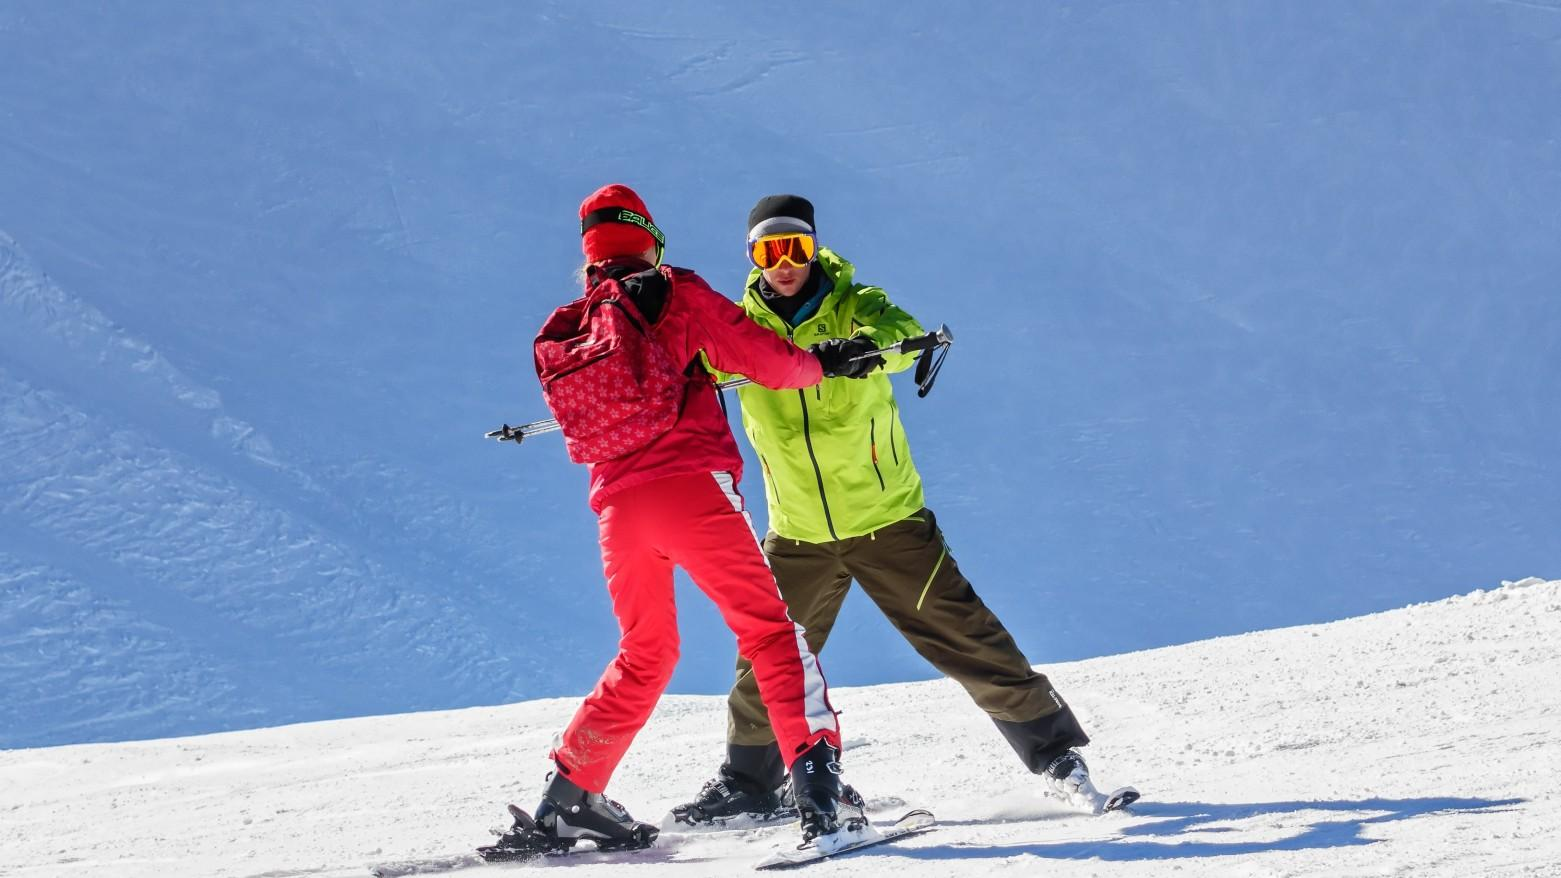 Cours particulier de ski Adultes dès 17 ans pour Tous niveaux